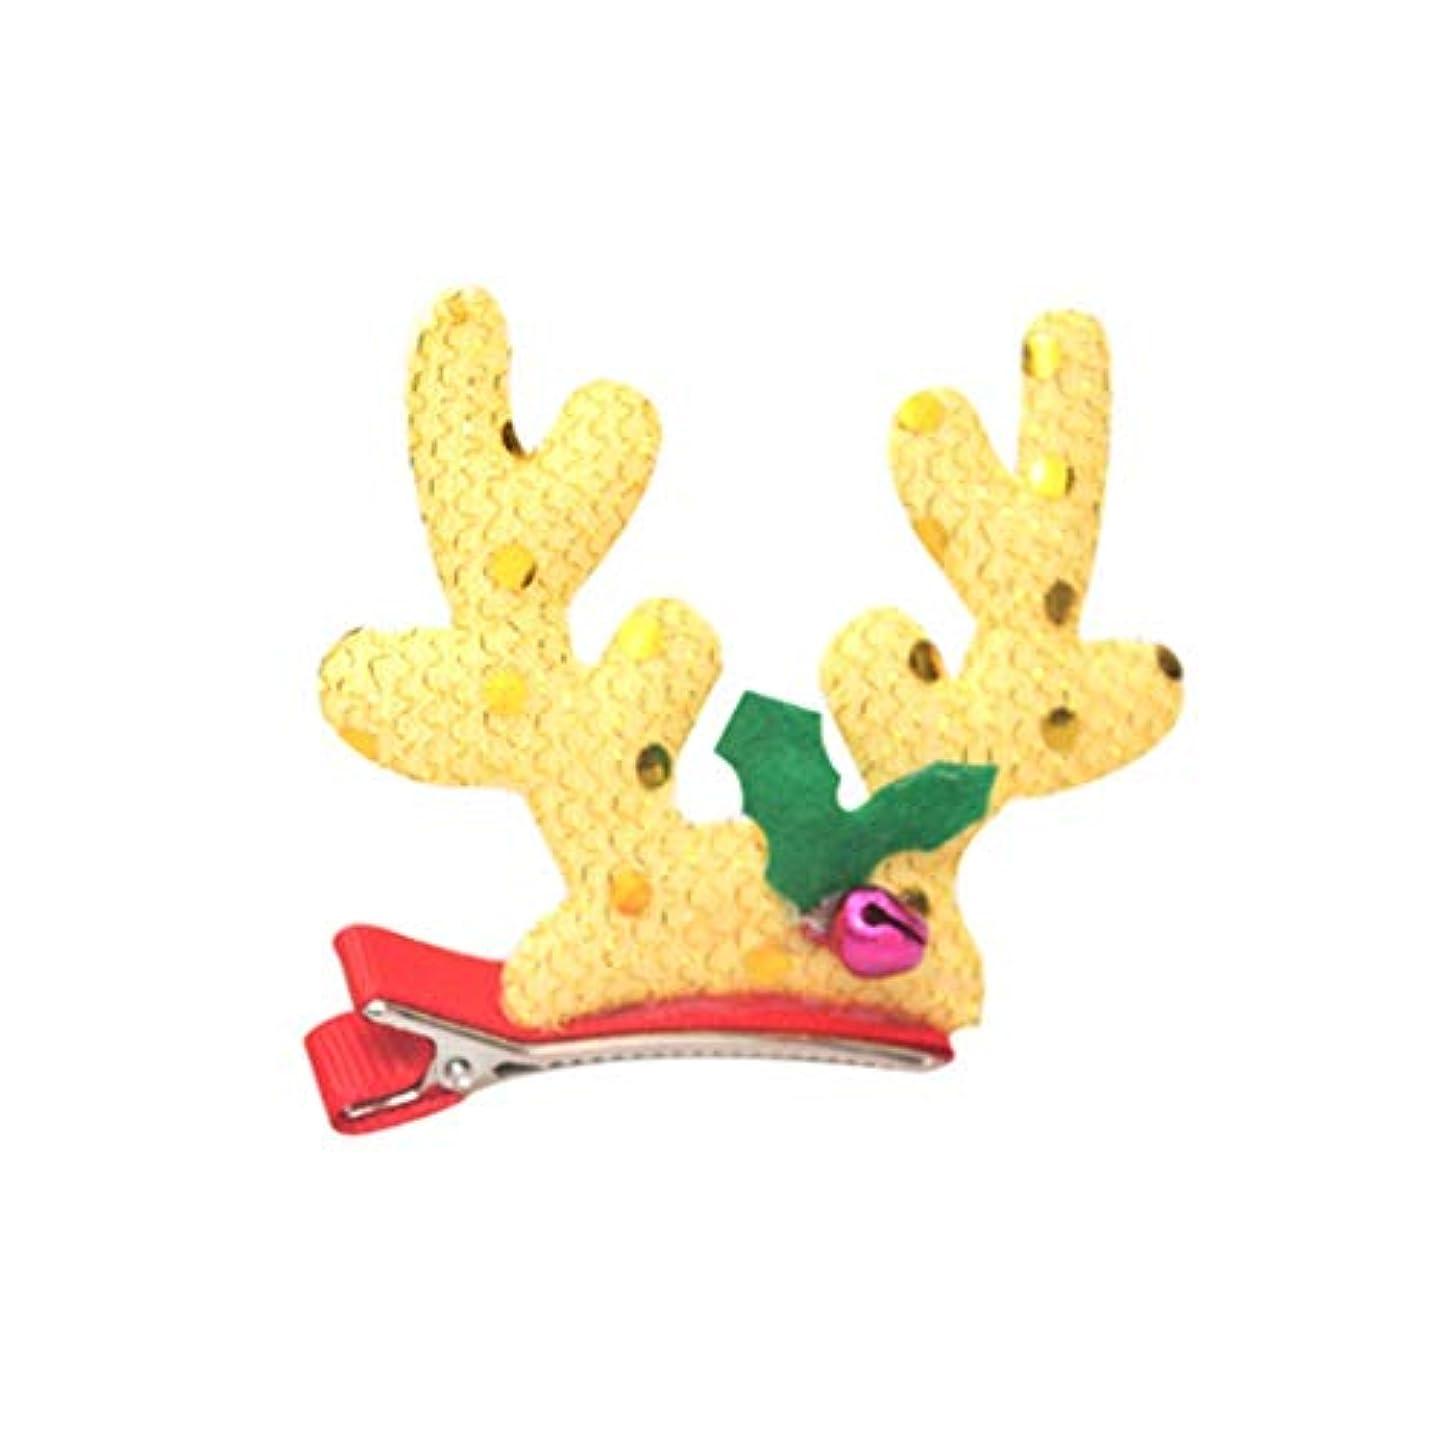 タイトワゴン怒っているクリスマスの装飾活動ギフトギフトコーラルヘアピンヘアアクセサリー帽子保育園キッズクリエイティブドレスアップ(利用可能な3つのスタイル) (Size : C)